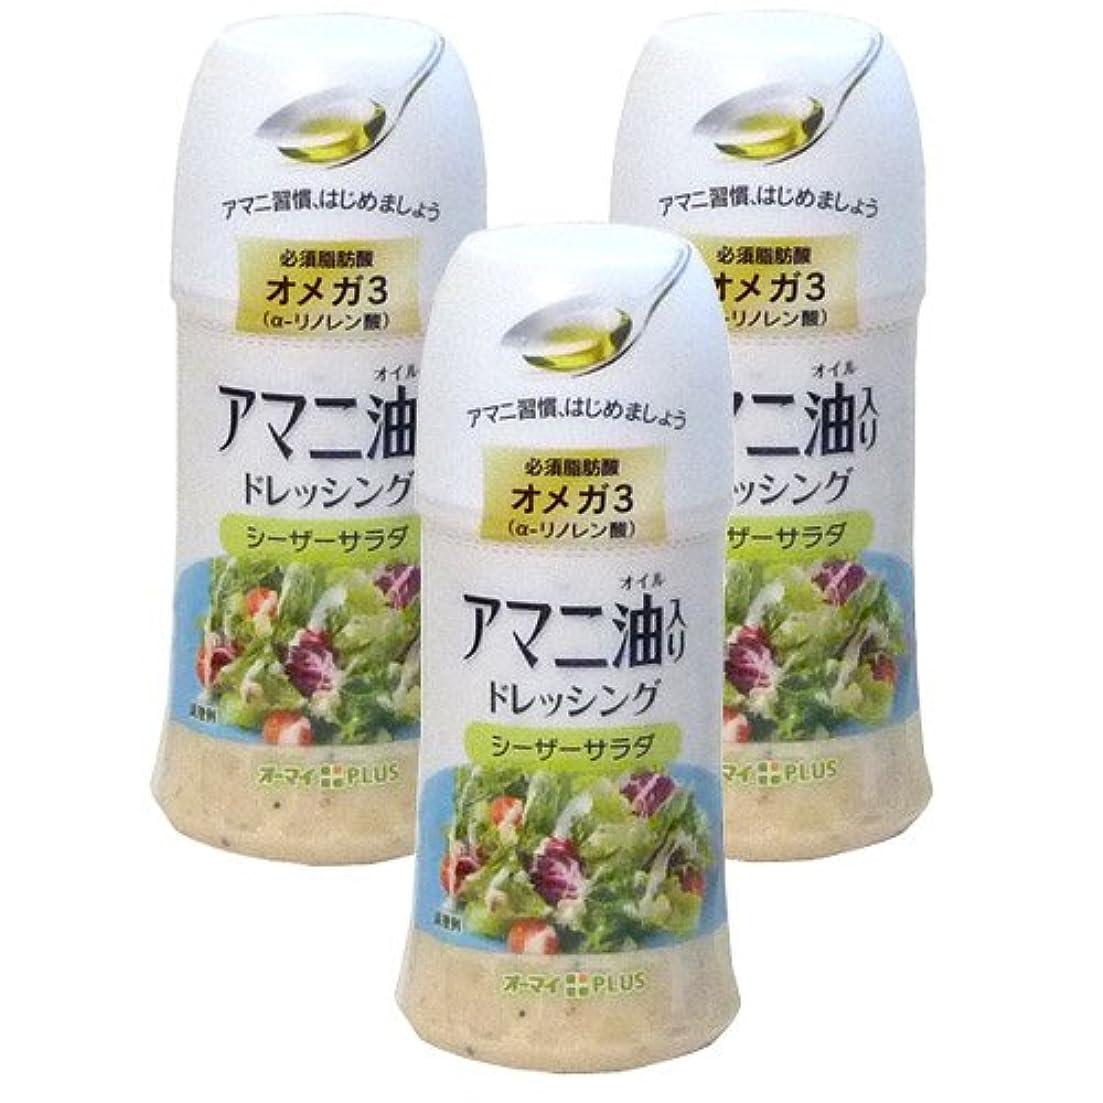 移行マオリ中毒アマニ油入り ドレッシング シーザーサラダ【3セット】